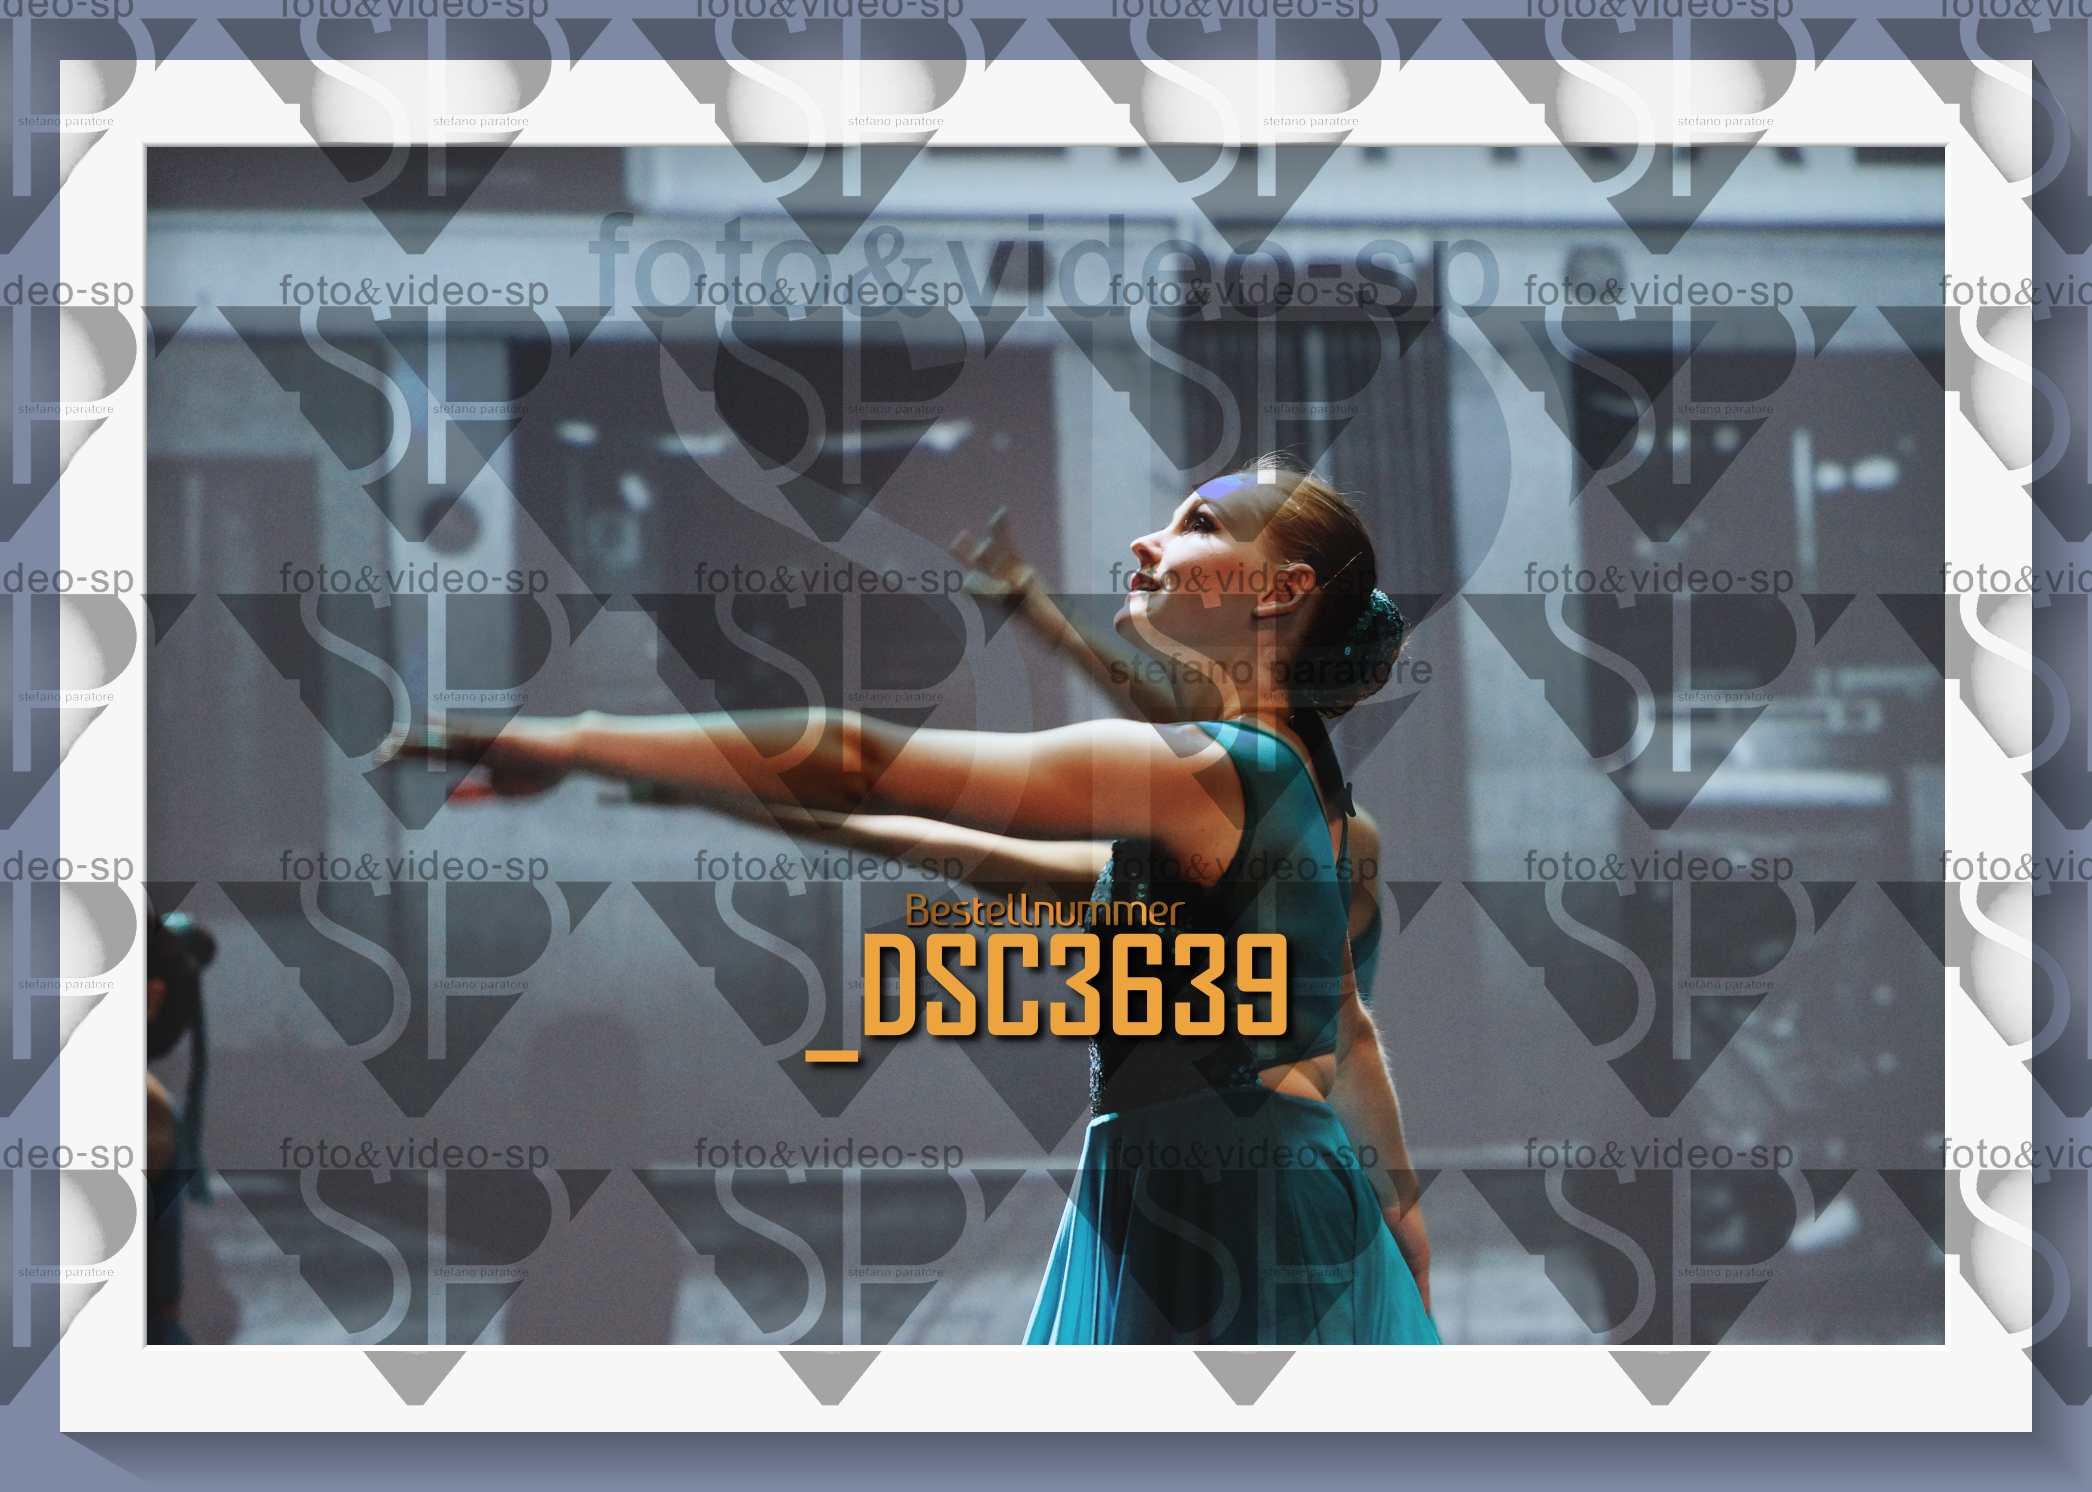 DSC3639